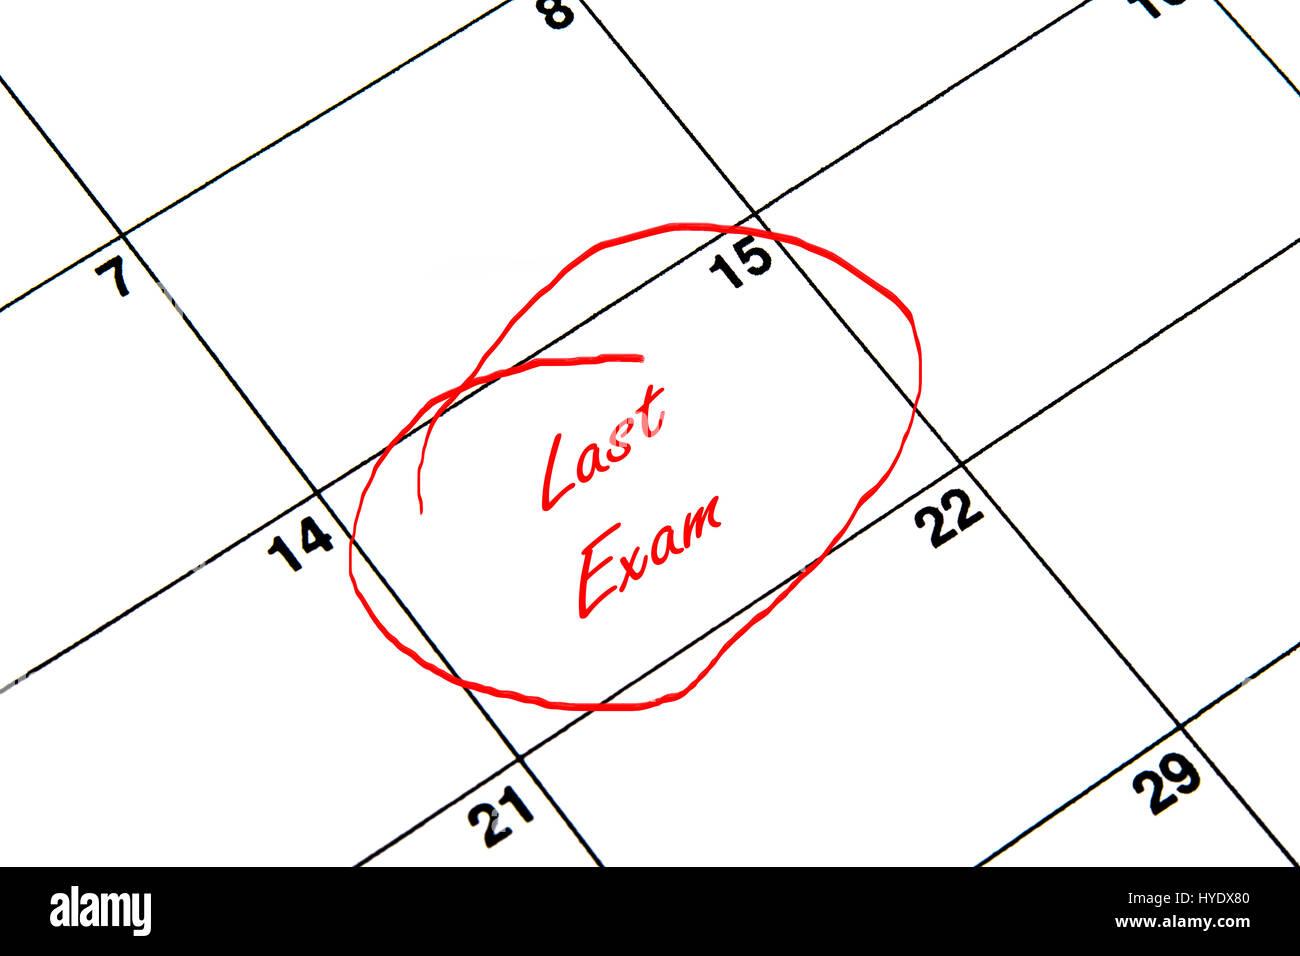 Le dernier examen encerclée sur un calendrier en rouge Banque D'Images